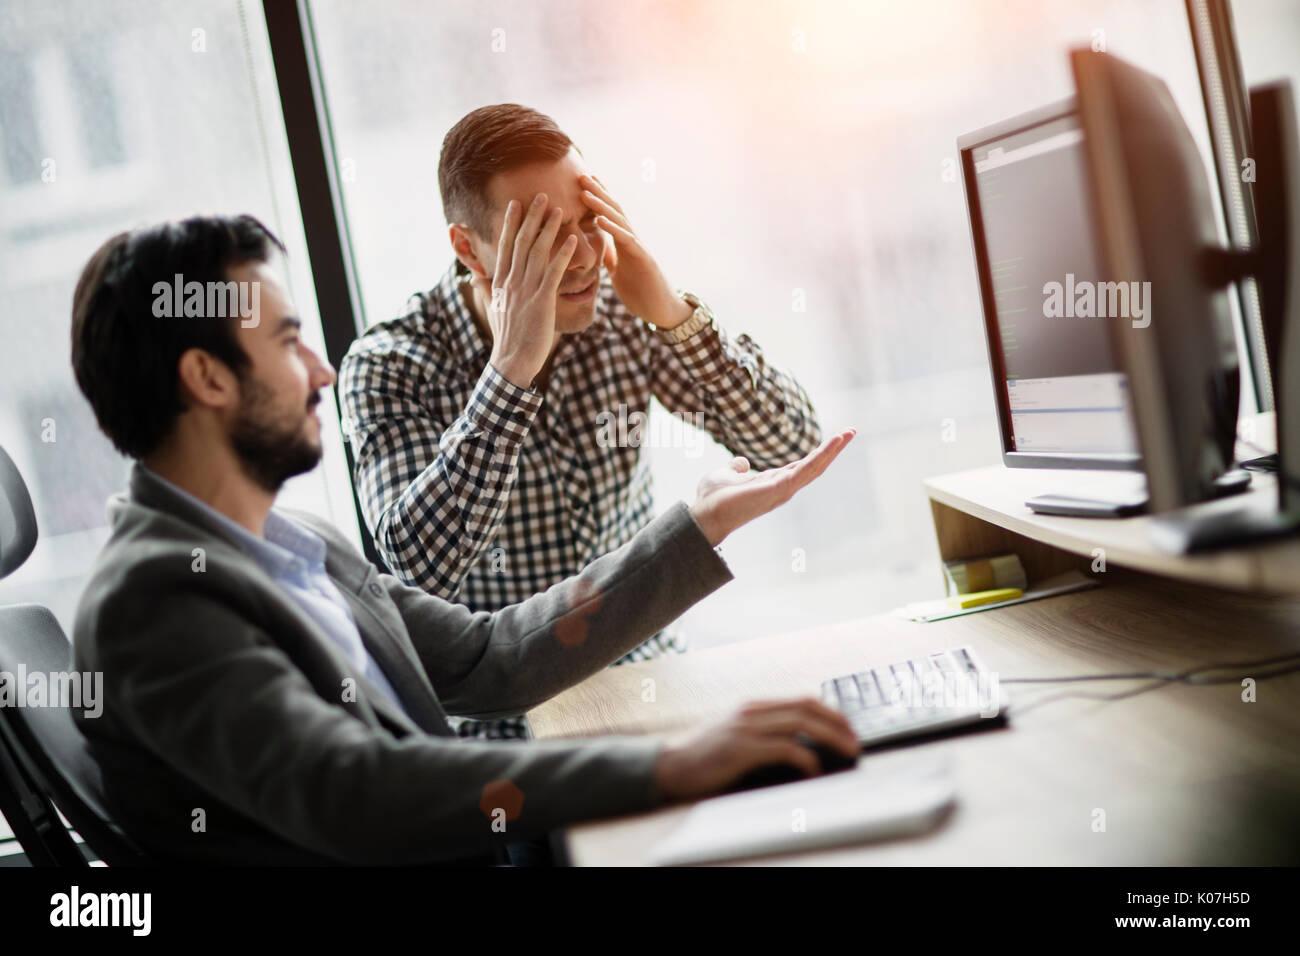 Bild von zwei Geschäftsmänner Probleme im Büro Stockbild